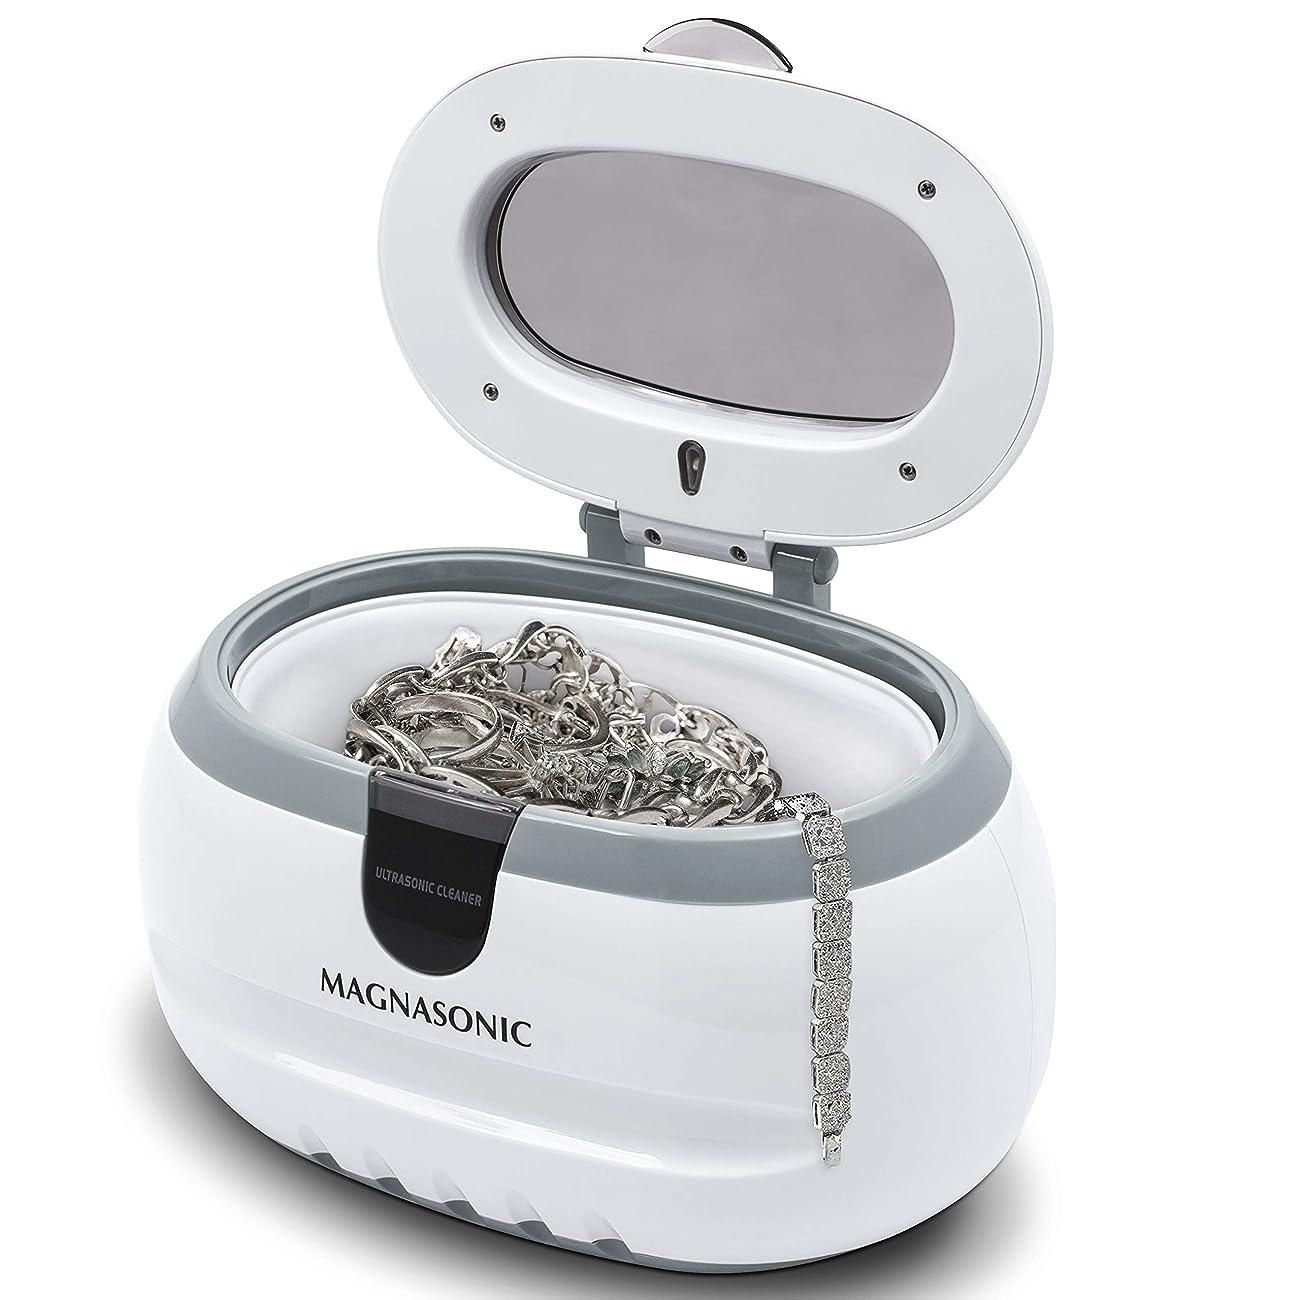 Magnasonic Professional Ultrasonic Jewelry Cleaner Machine